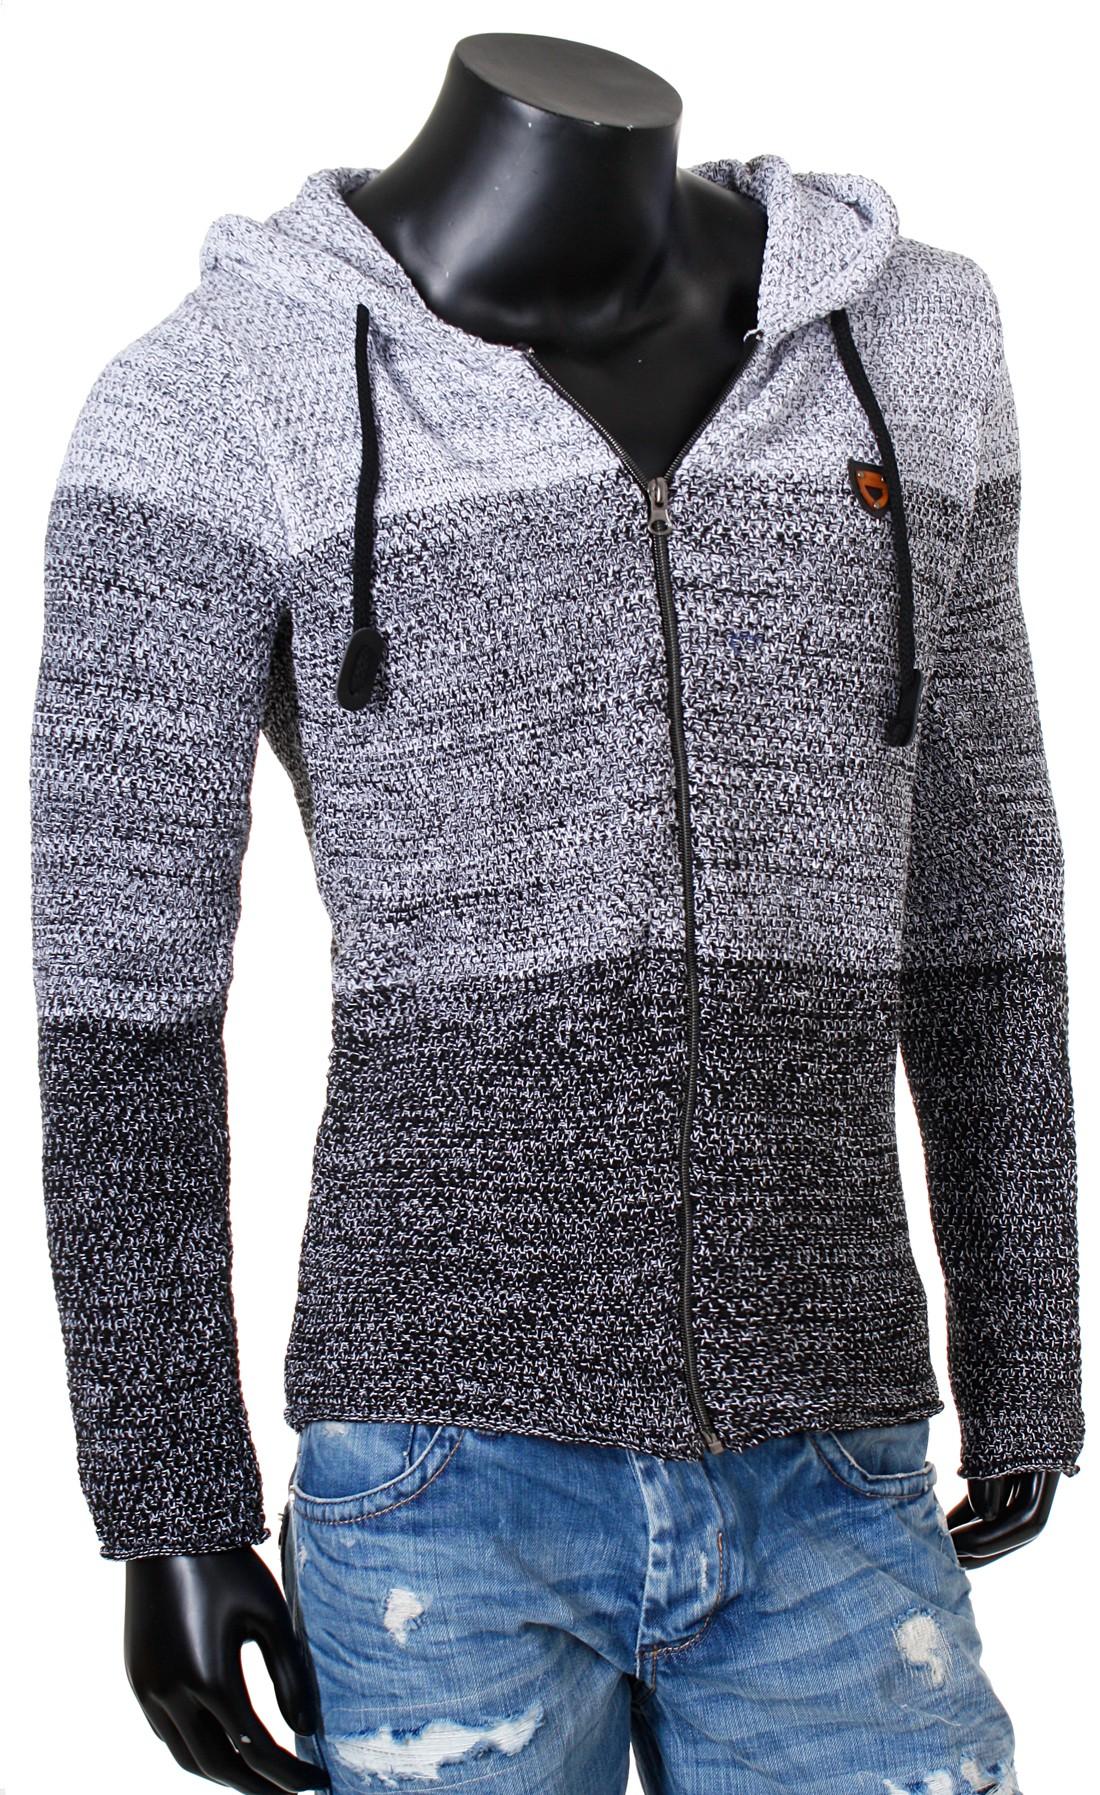 herren strickjacke mit kapuze zip pullover jacke hooded 7383 cardigan. Black Bedroom Furniture Sets. Home Design Ideas